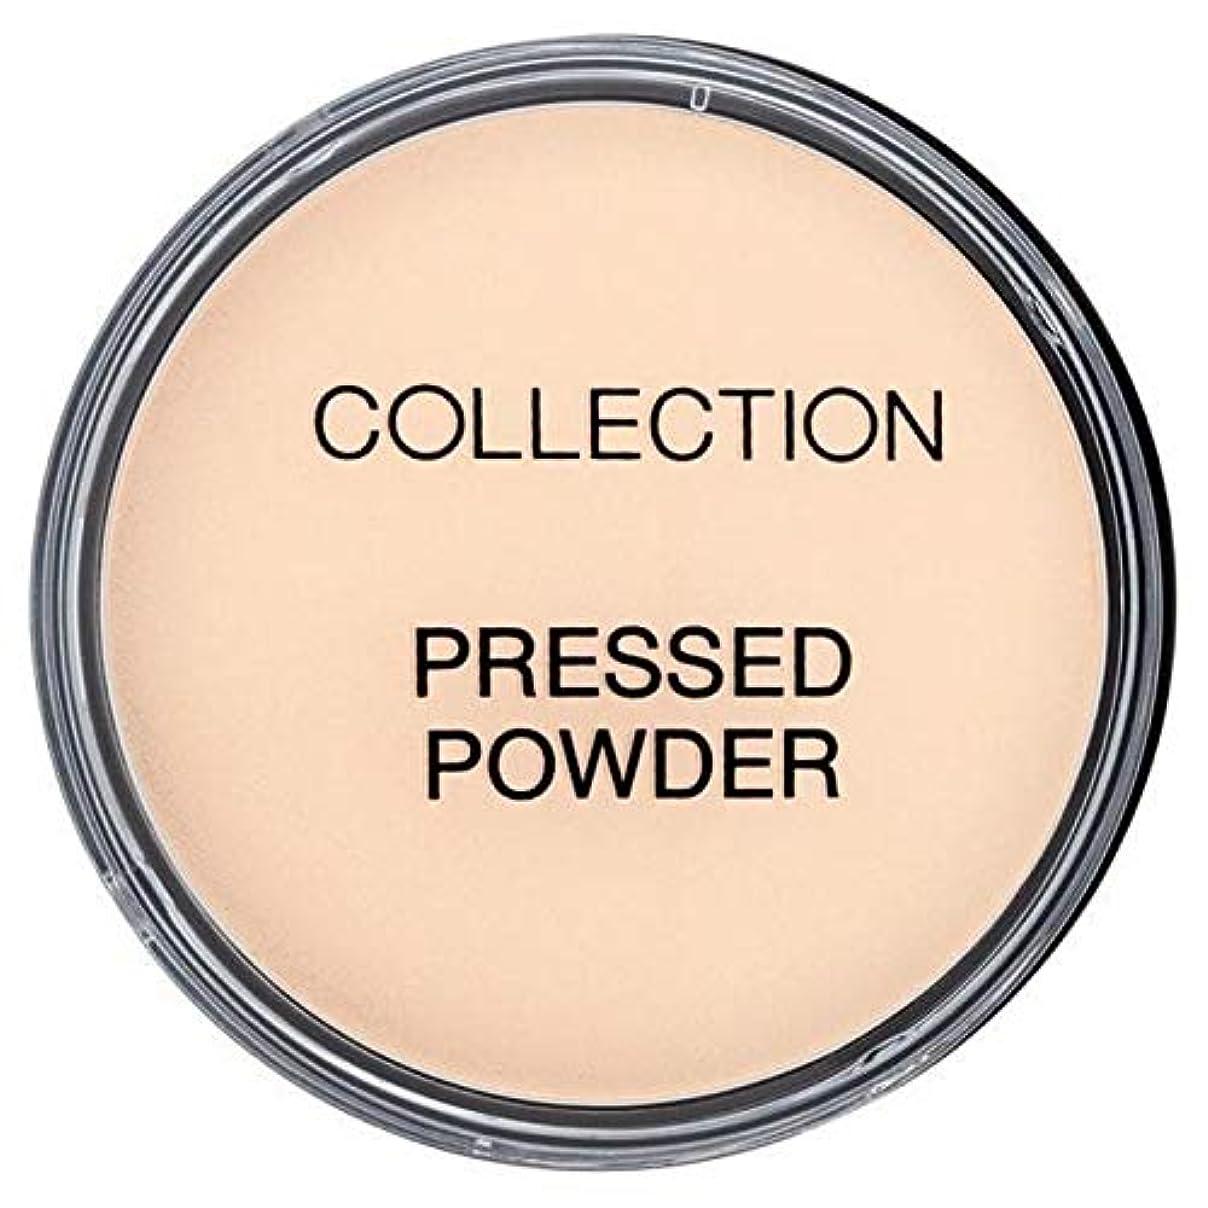 パックソース協同[Collection ] コレクションは、粉末17グラムのろうそく1を押します - Collection Pressed Powder 17g Candlelight 1 [並行輸入品]